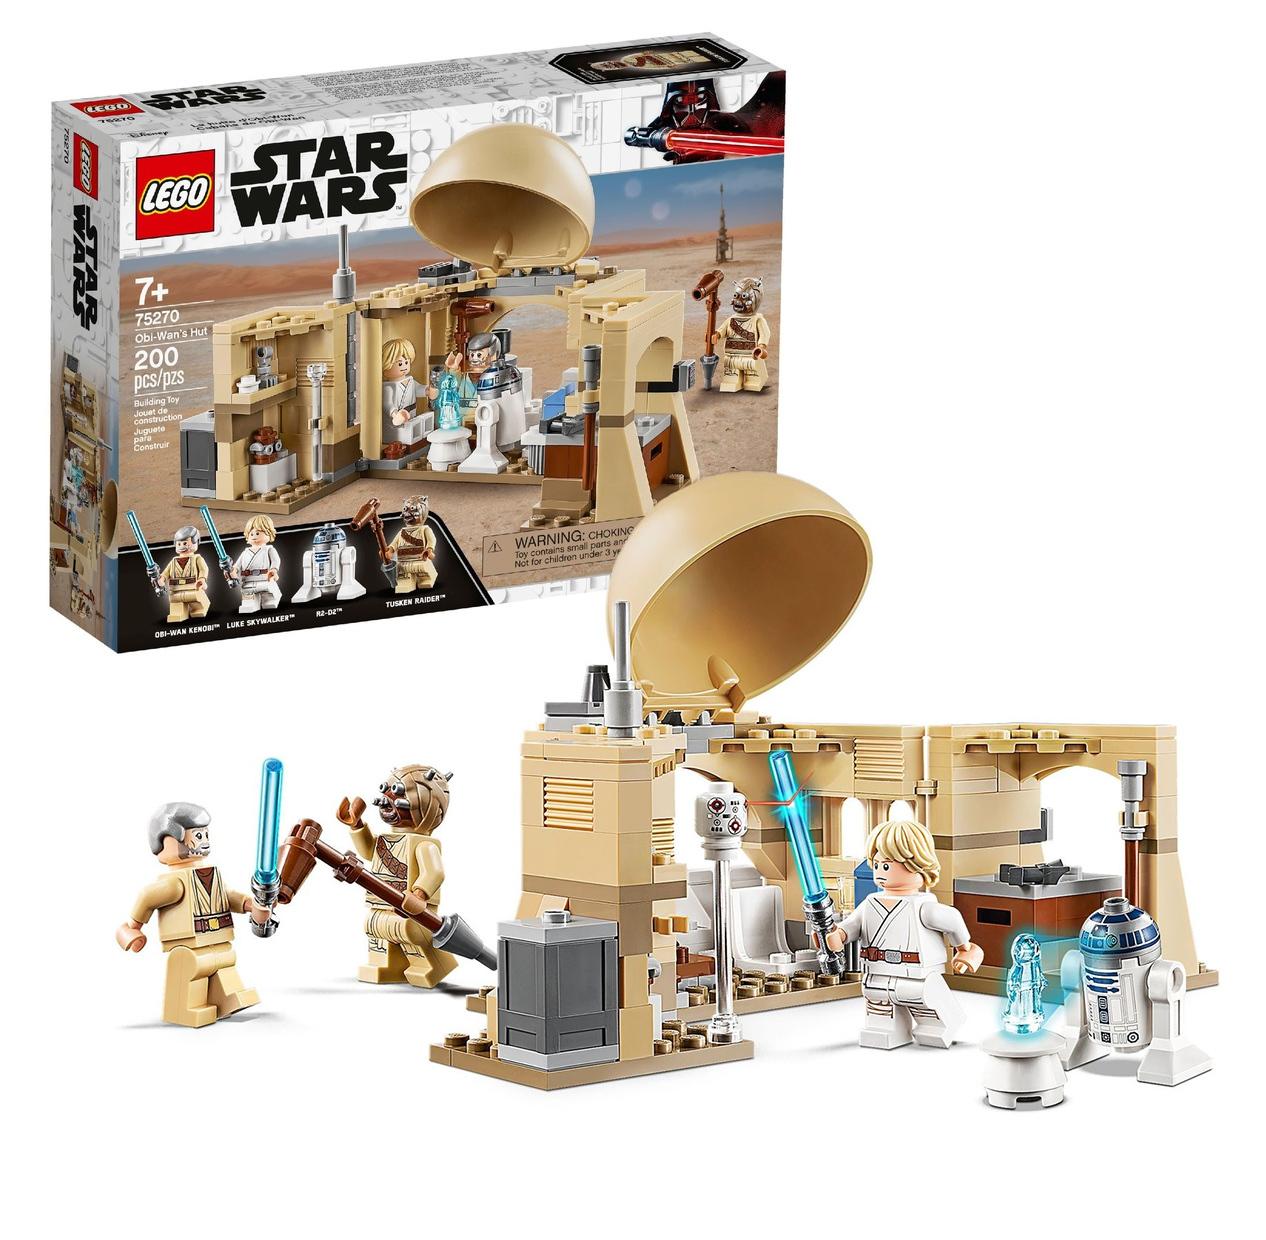 LEGO: Star Wars - Obi-Wan's Hut image